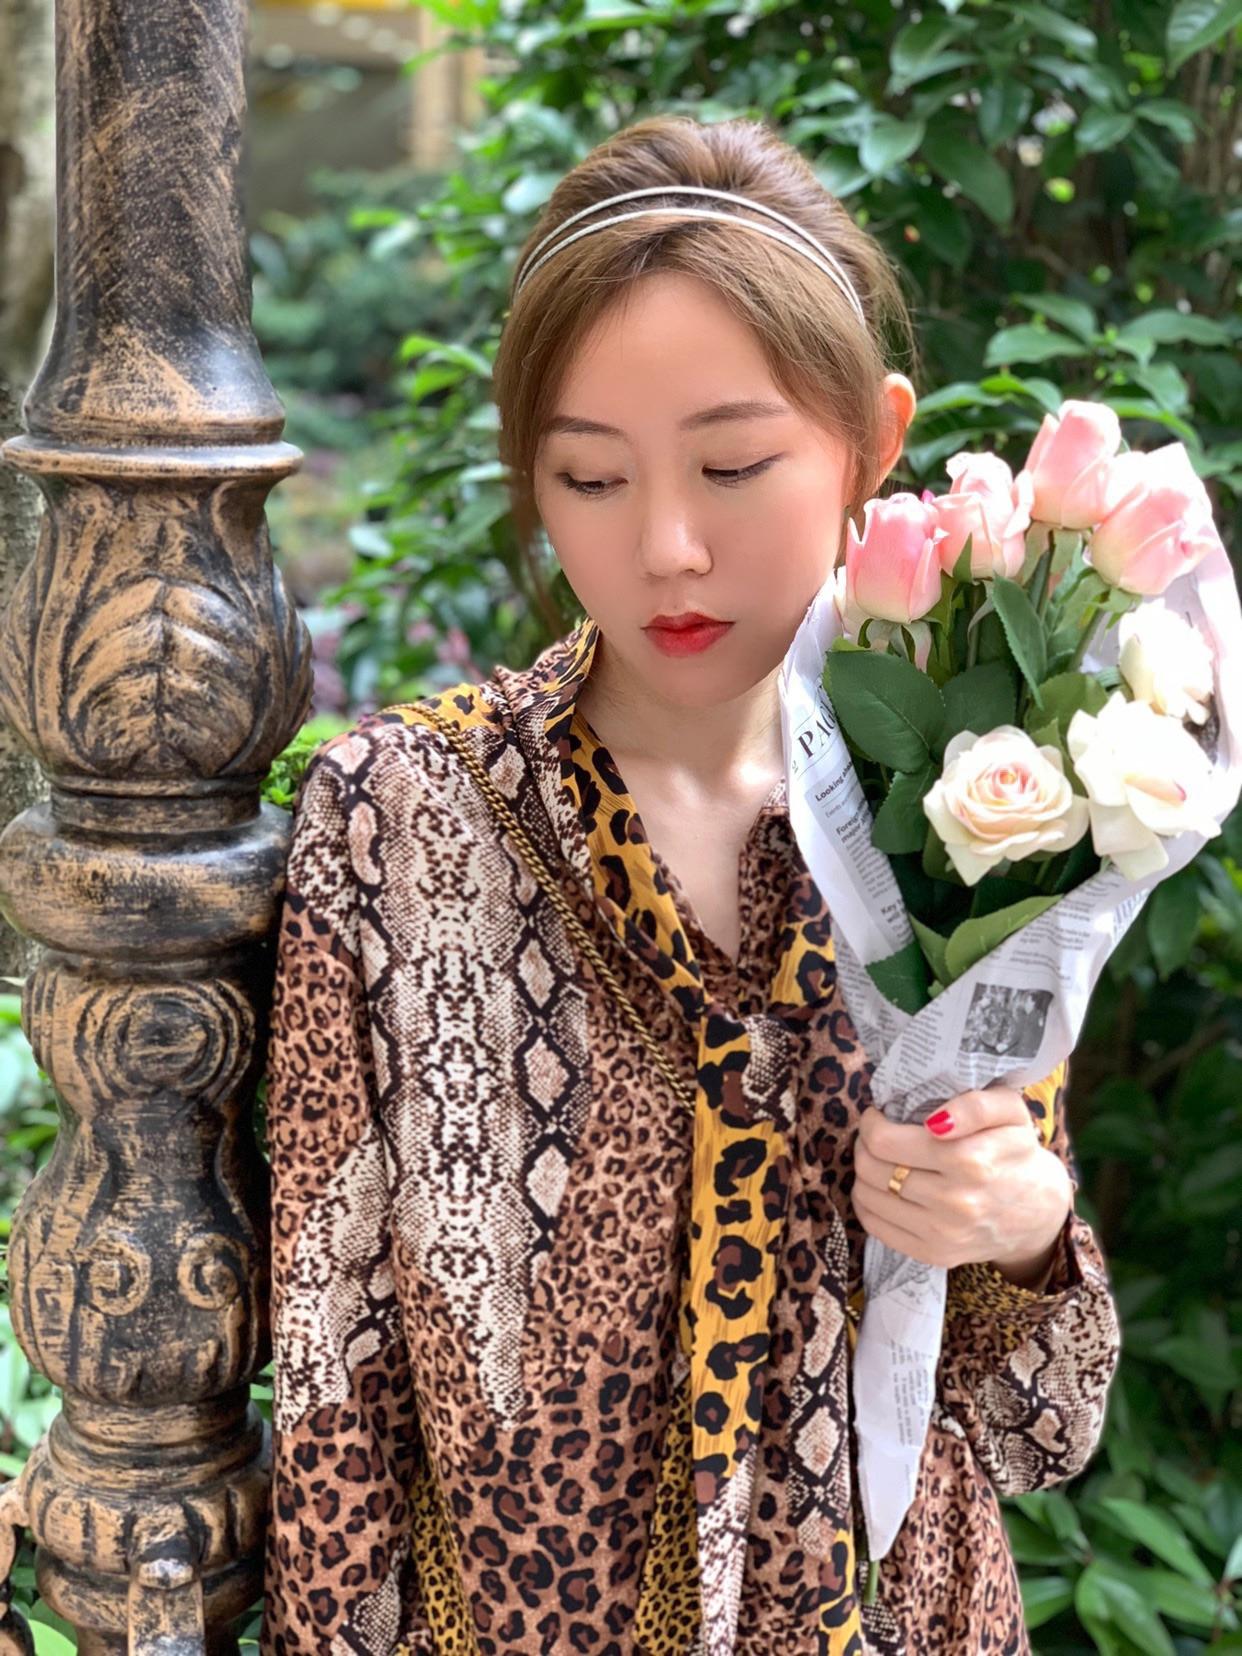 5-13 #昕鑫每日穿搭# 谁说豹纹裙穿不出少女感的 我来颠覆它😝😝😝 @西五街挖宝喵  @西五街猫霸霸  @全街的希望